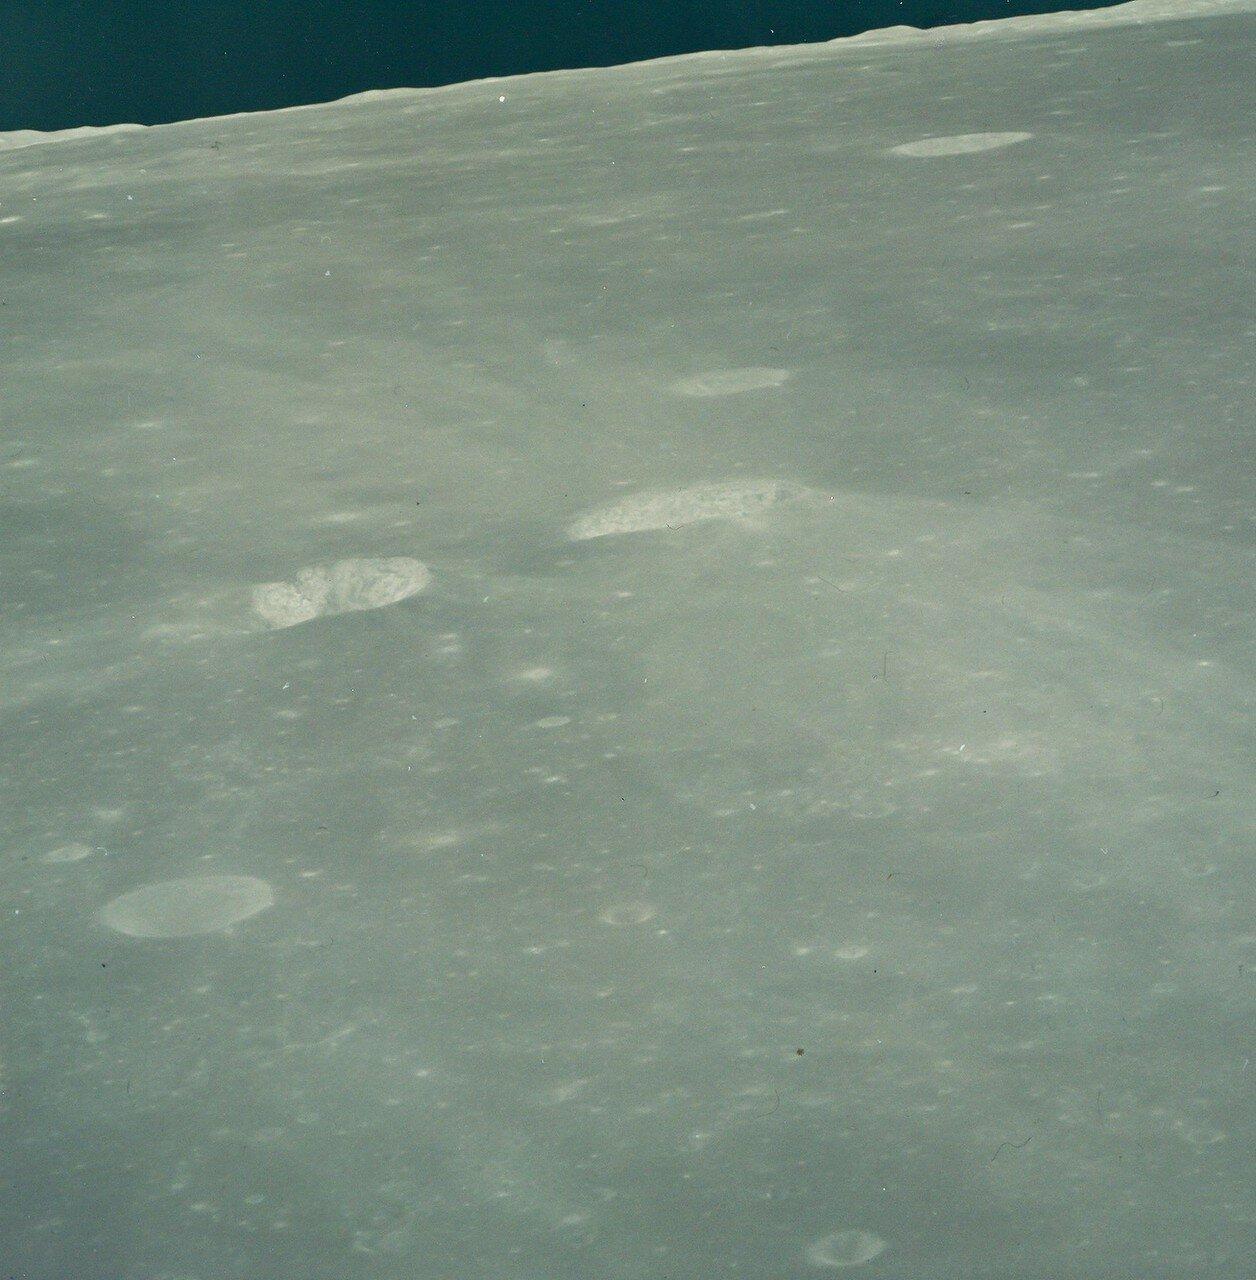 На восемьдесят третьем часу полёта корабль вышел на начальную селеноцентрическую орбиту, близкую к расчётной. На снимке: Лунный горизонт над Морем Изобилия